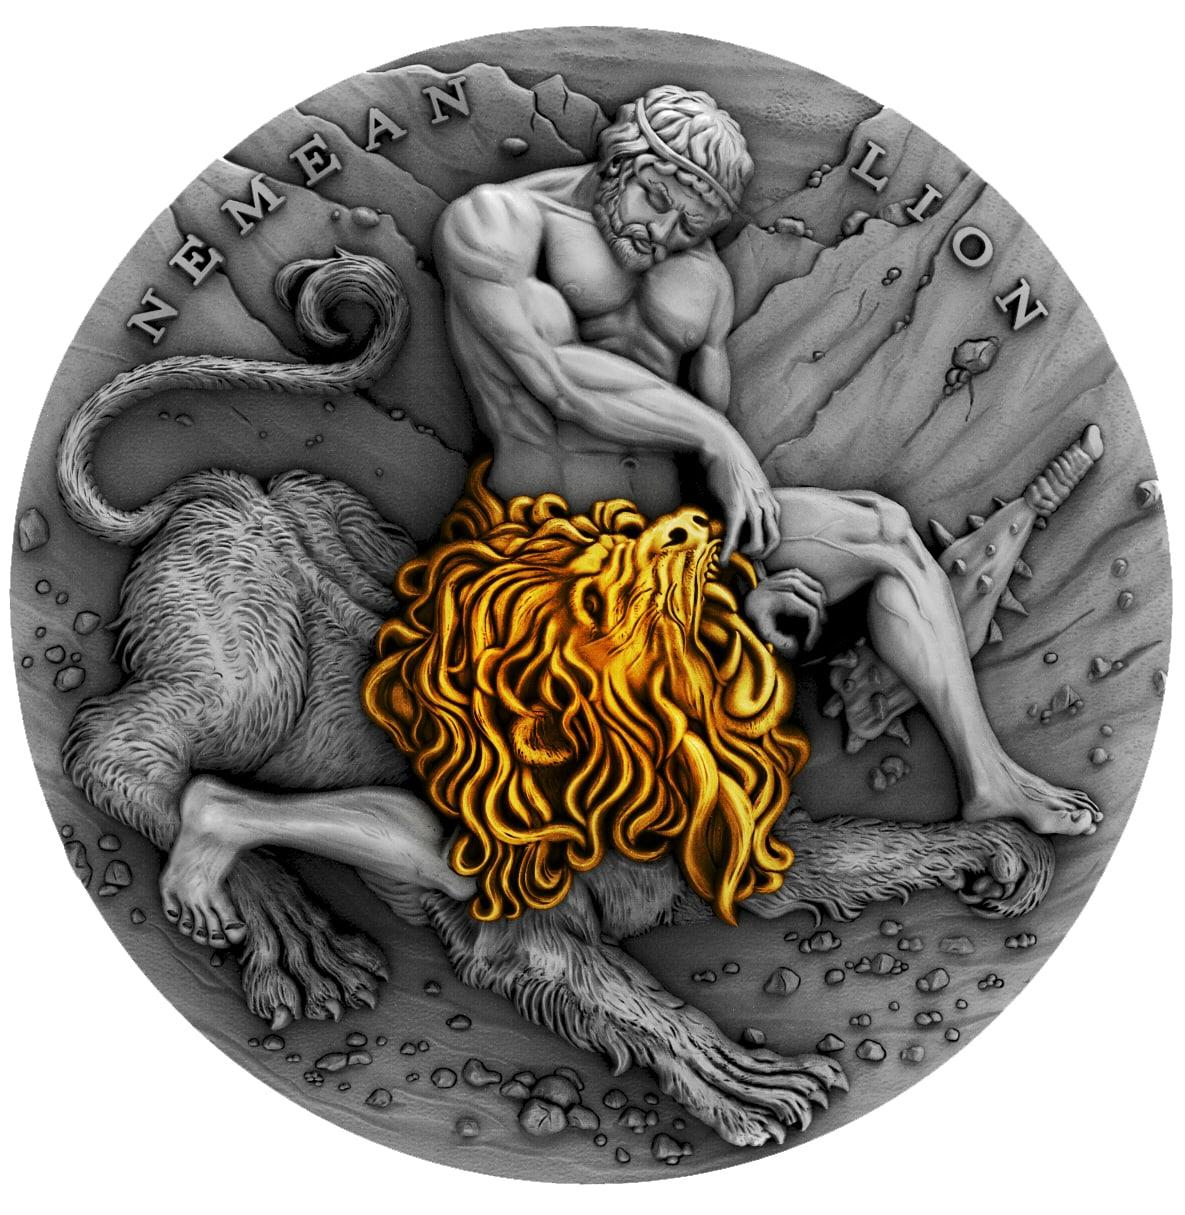 Nemean lion - 12 úkolù Herkula - 2 Oz silver coin - NIUE 2018 - zvìtšit obrázek